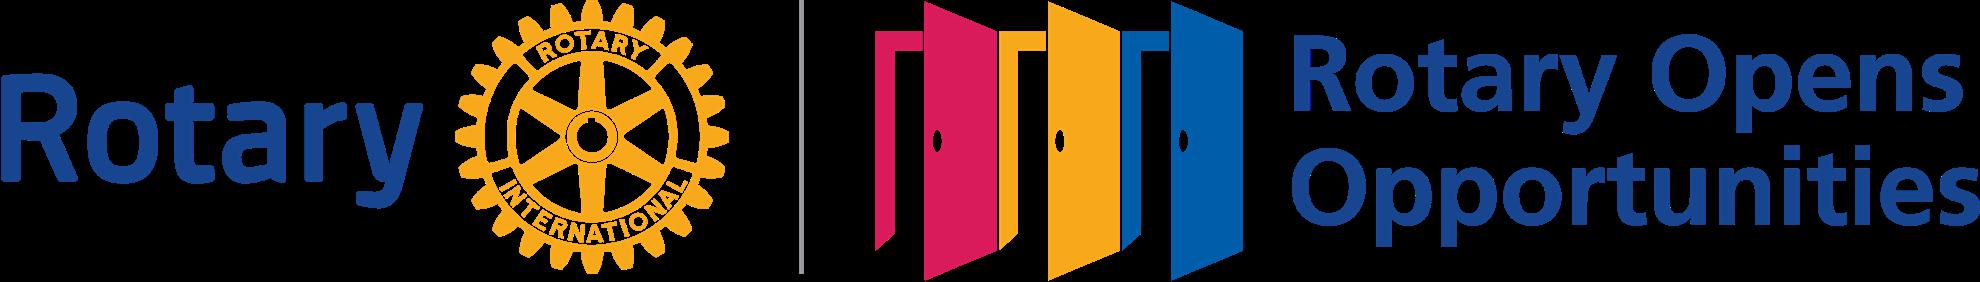 District 5710 logo